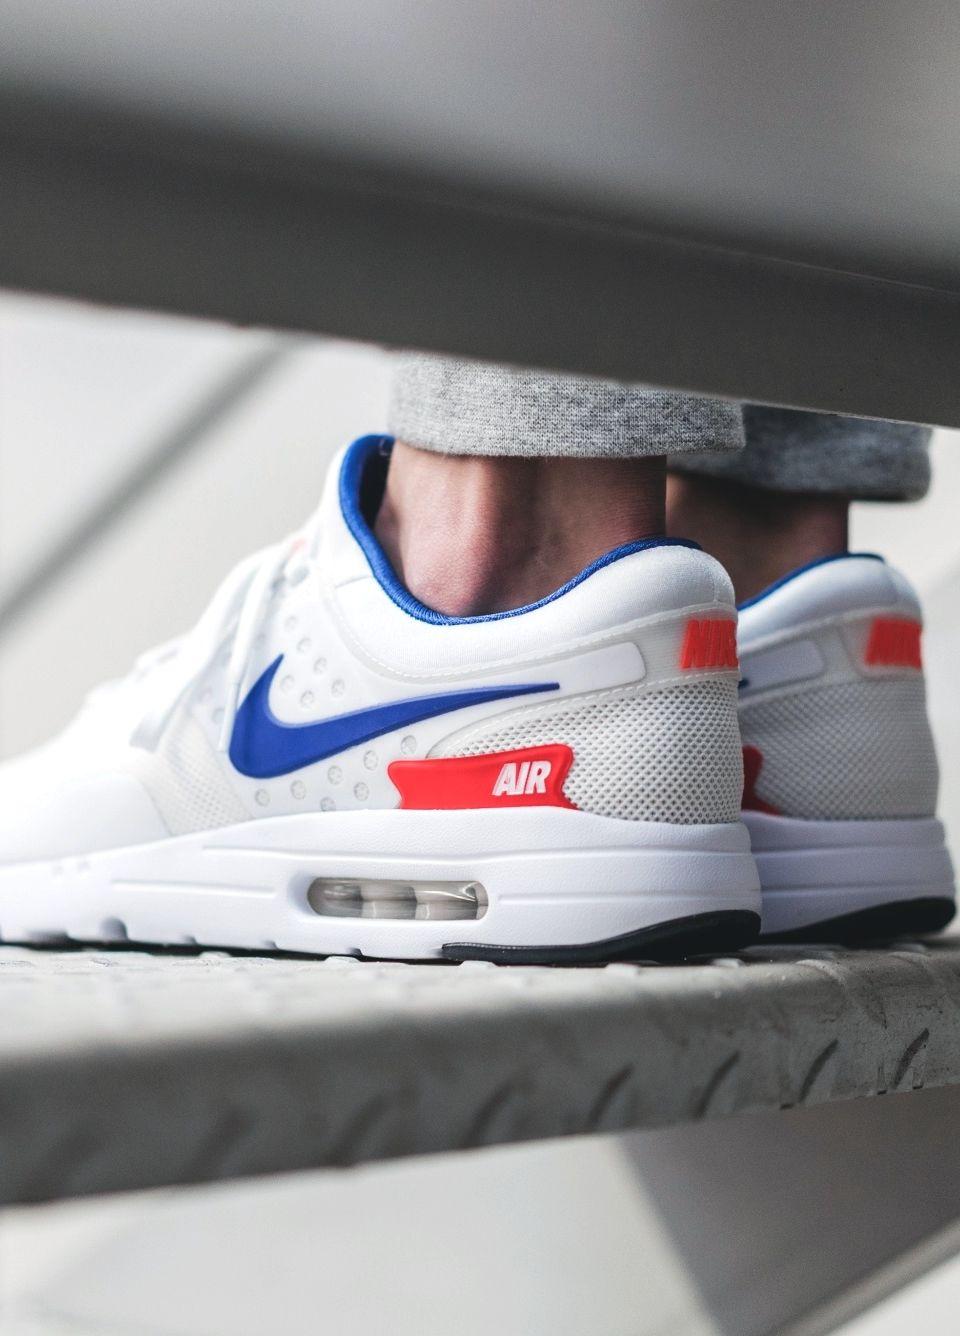 buy online 90eaf 899f2 Nike Air Max Zero Ultramarine  sneakernews  Sneakers  StreetStyle  Kicks